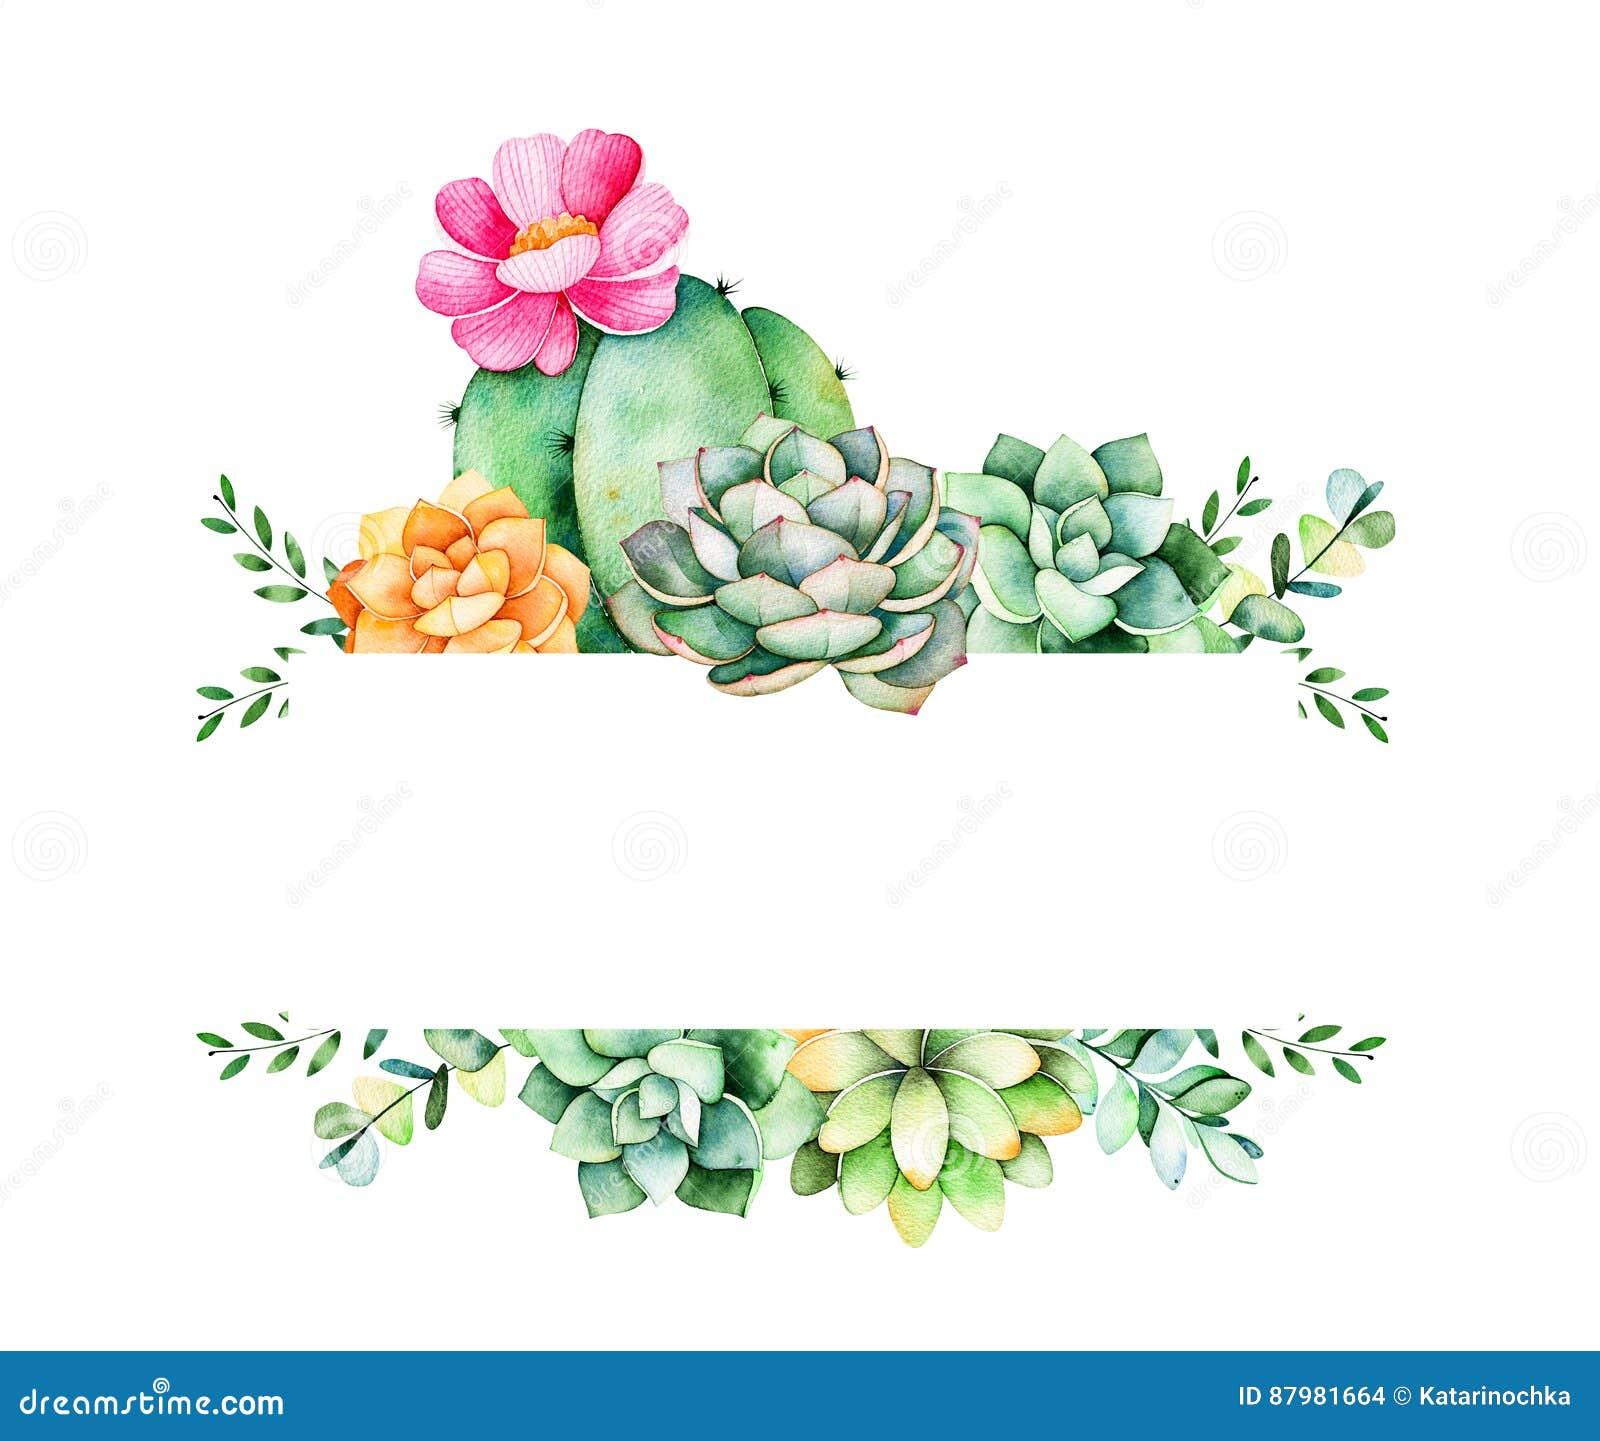 Bunter Blumenrahmen mit Blättern, saftiger Anlage, Niederlassungen und Kaktus